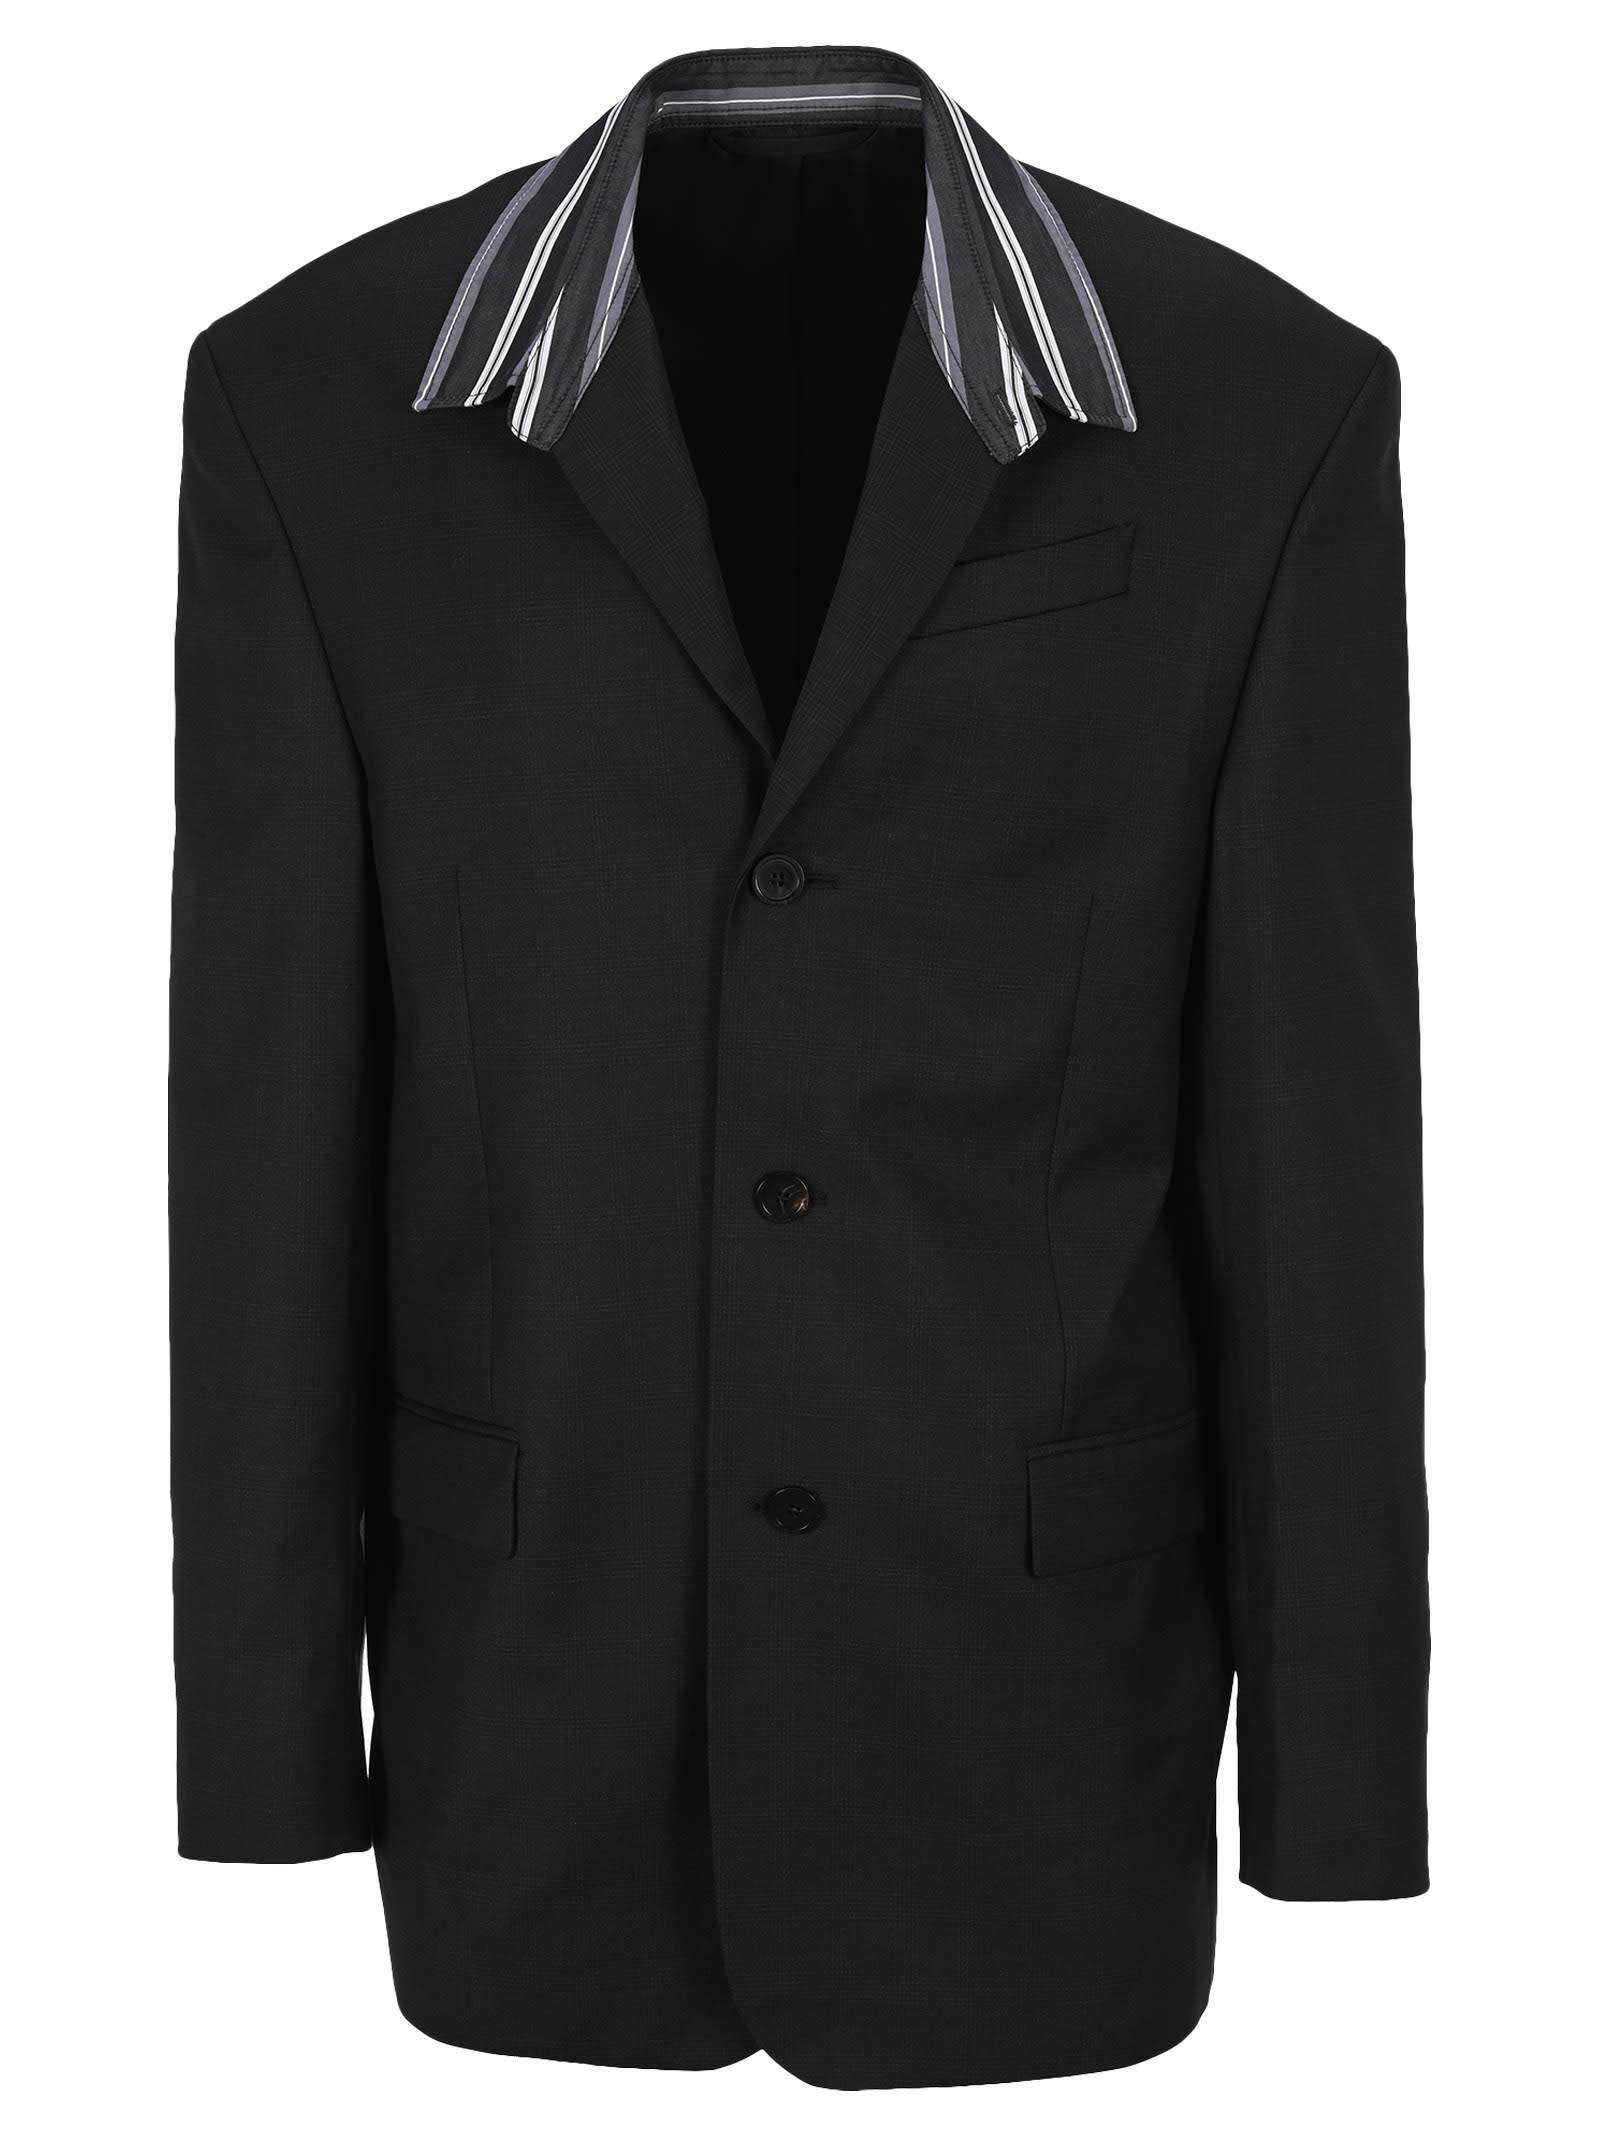 Balenciaga Tailored Shirt Blazer